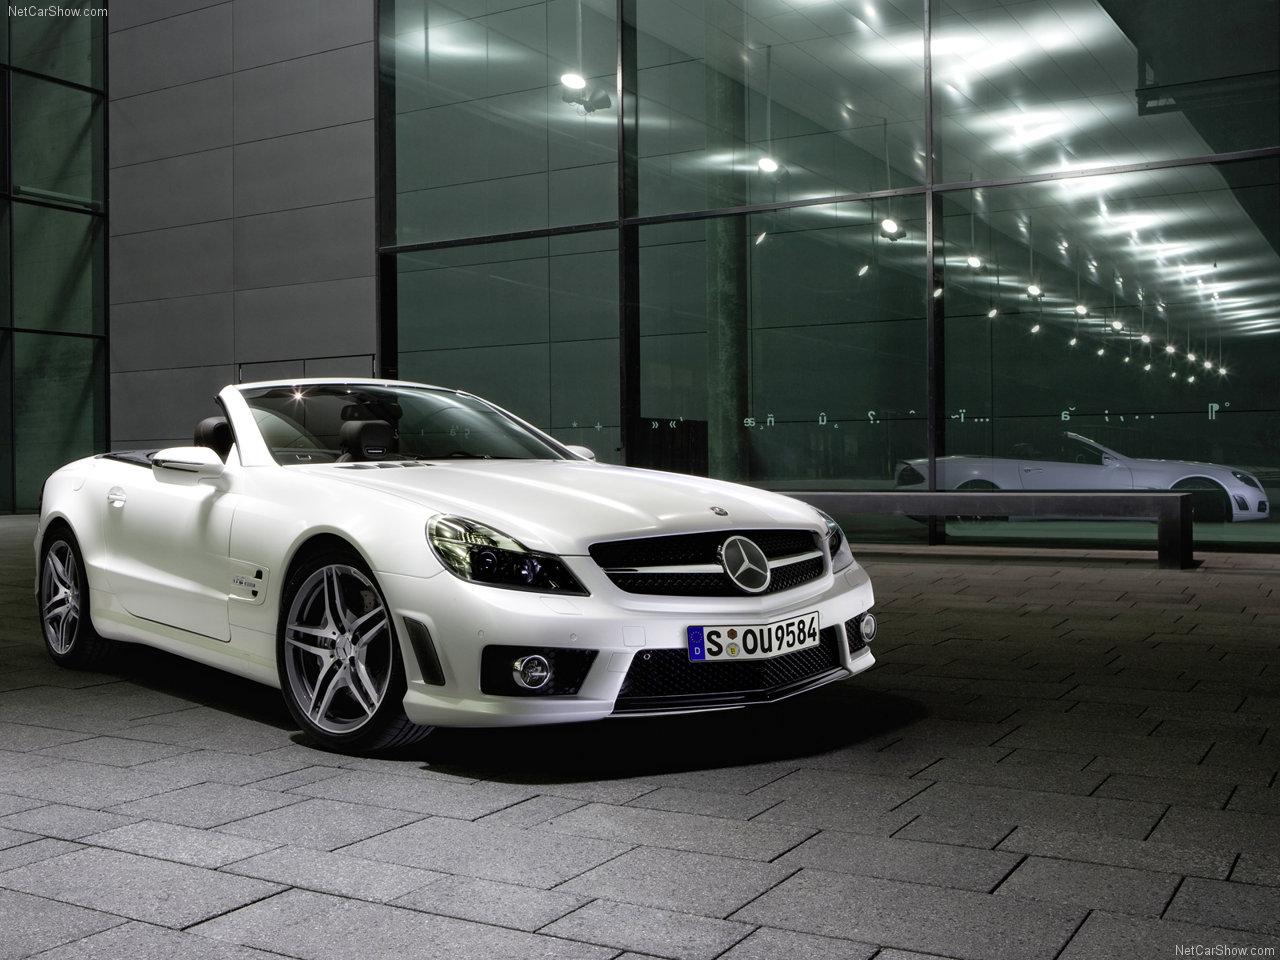 http://3.bp.blogspot.com/-FPbdVekJrKw/TWYRxkh0OMI/AAAAAAACLDU/p3gEQlydRrM/s1600/Mercedes-Benz-SL_63_AMG_Edition_IWC_2009_1280x960_wallpaper_02.jpg